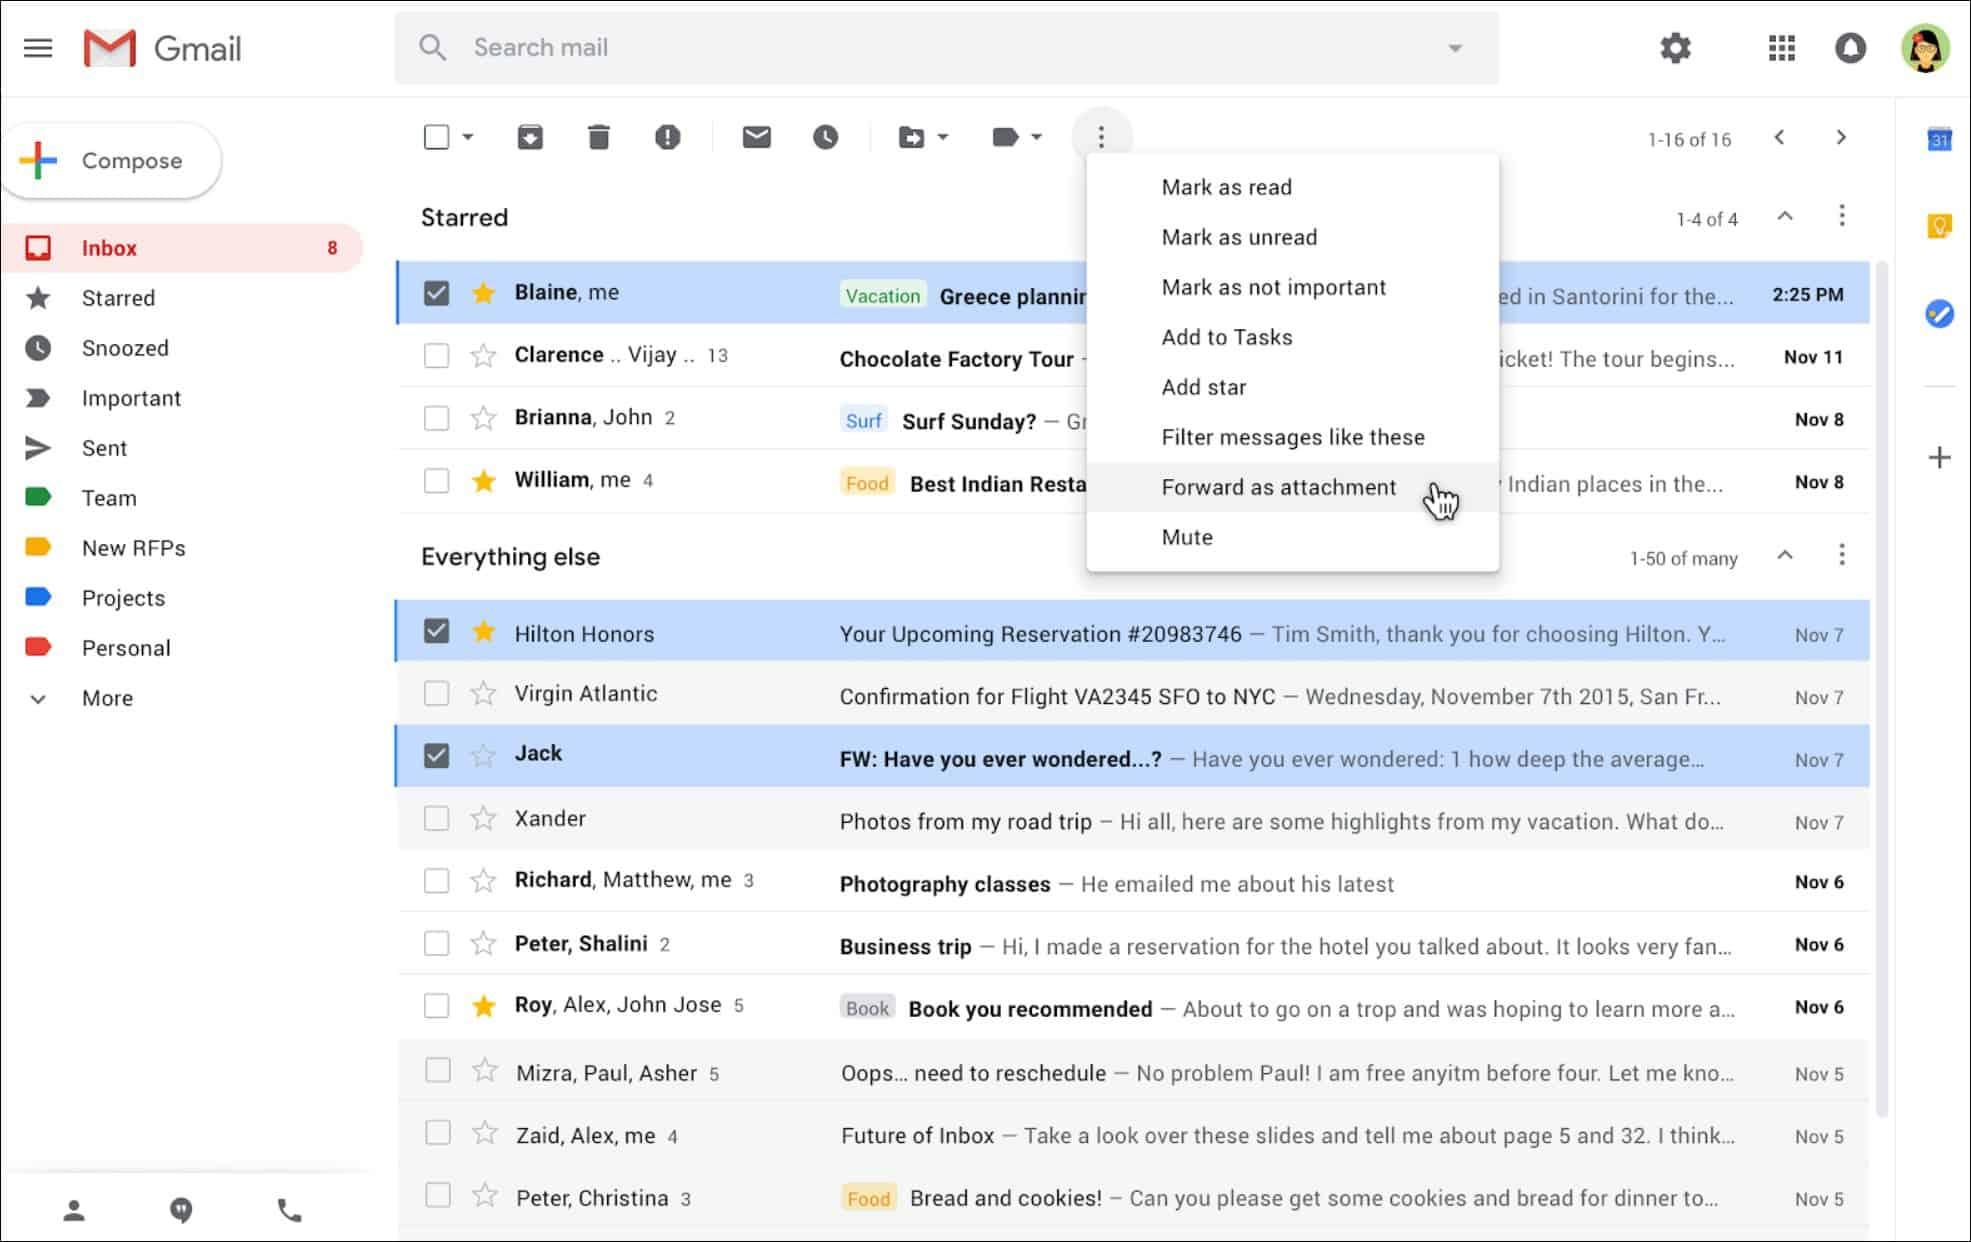 Google mengizinkan pengiriman email sebagai lampiran di Gmail 1